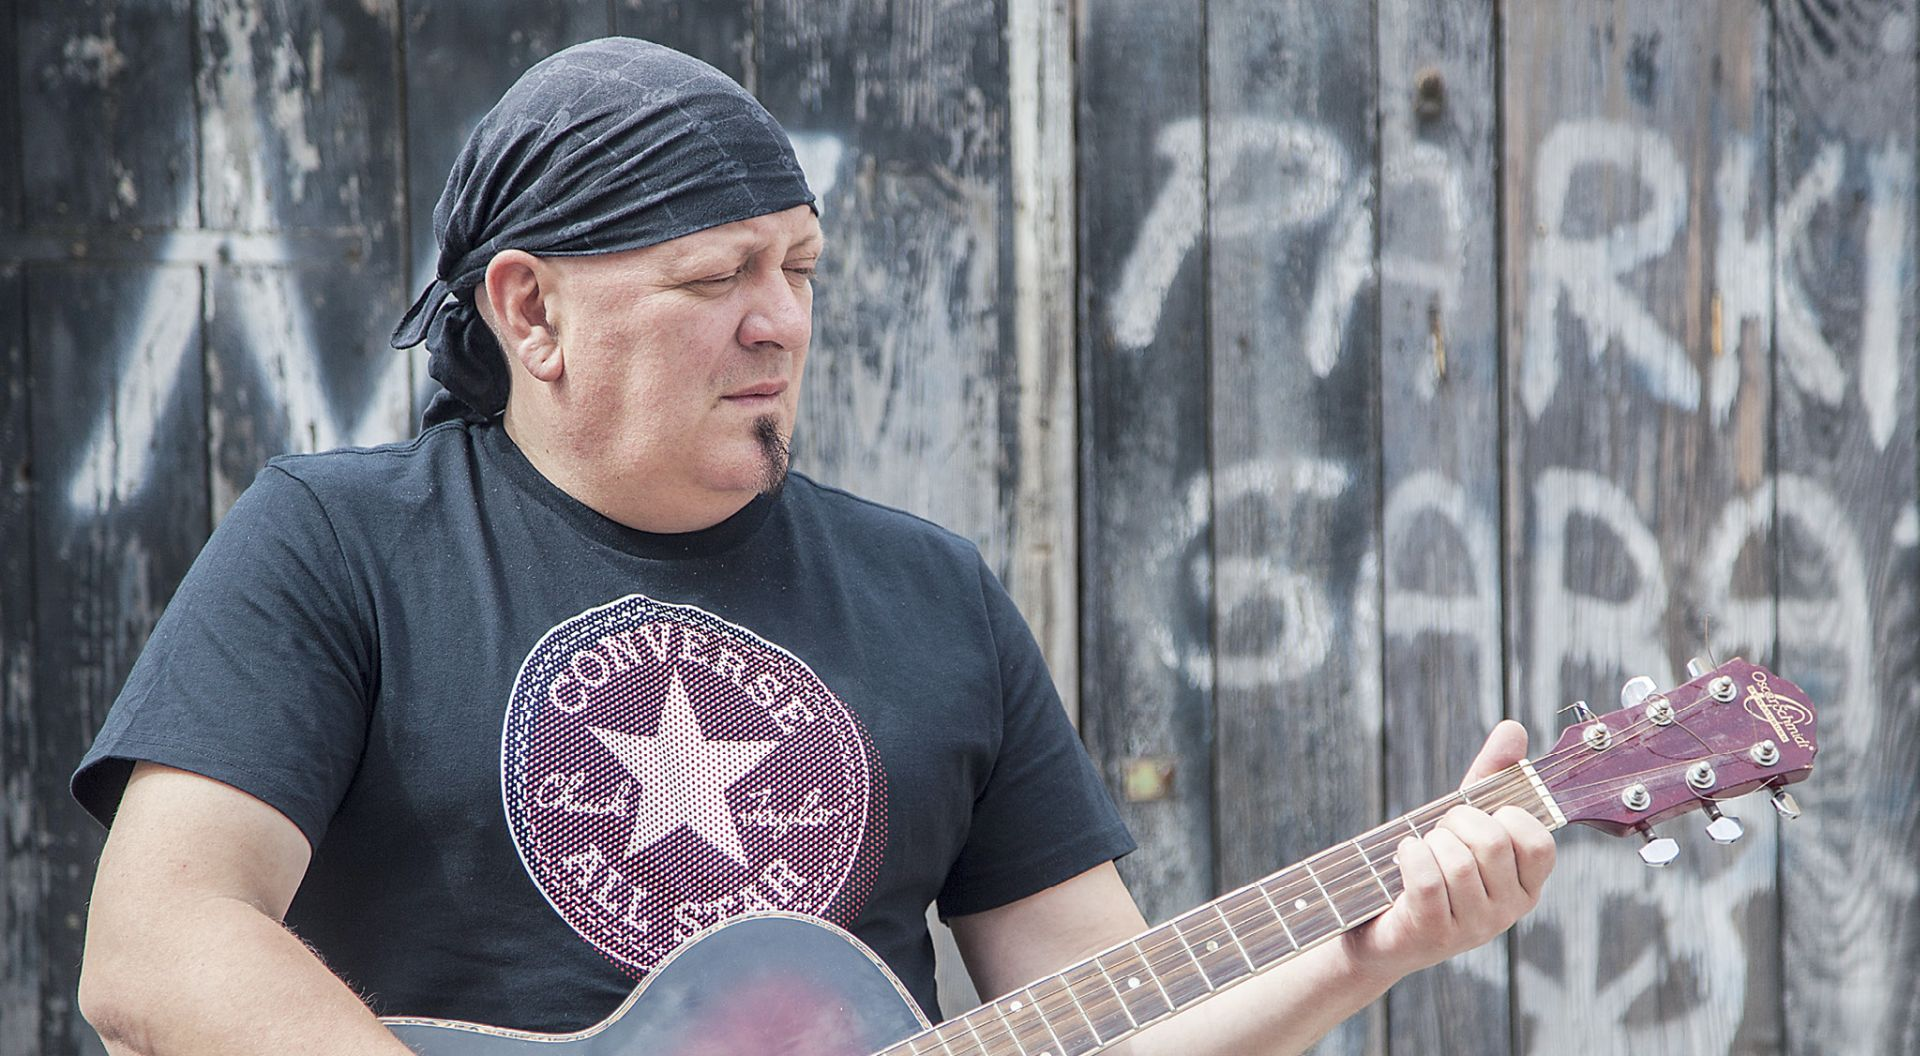 INTERVIEW: NENAD MARJANOVIĆ 'Cijeli narod trebao bi se pretvoriti u jedan veliki punk bend koji će se napokon pobuniti'